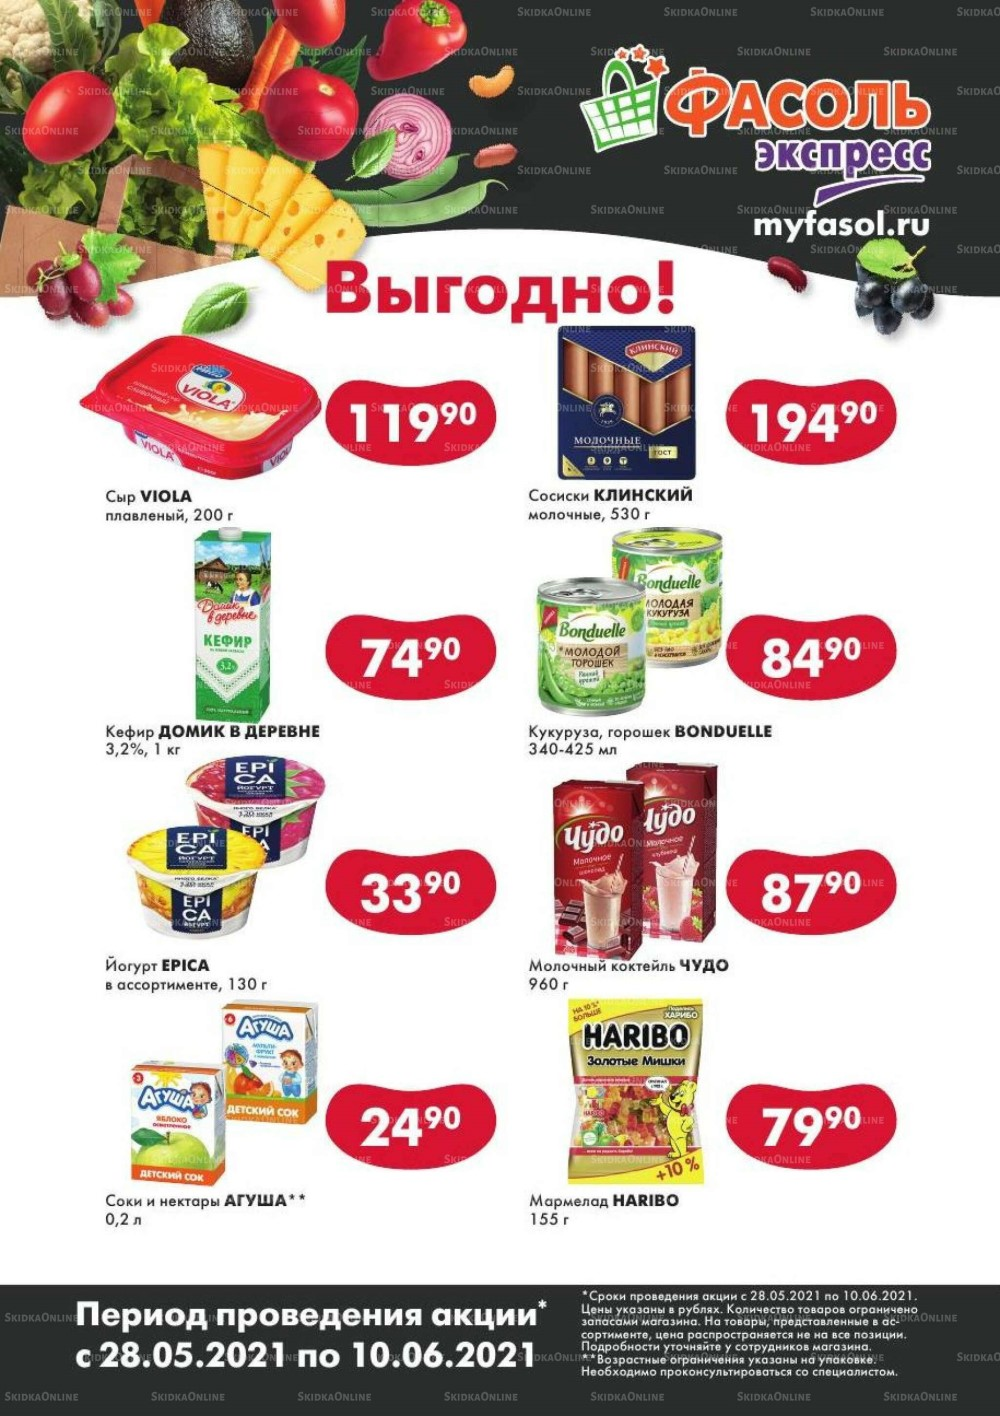 Новый каталог акций в Фасоли г. Москва